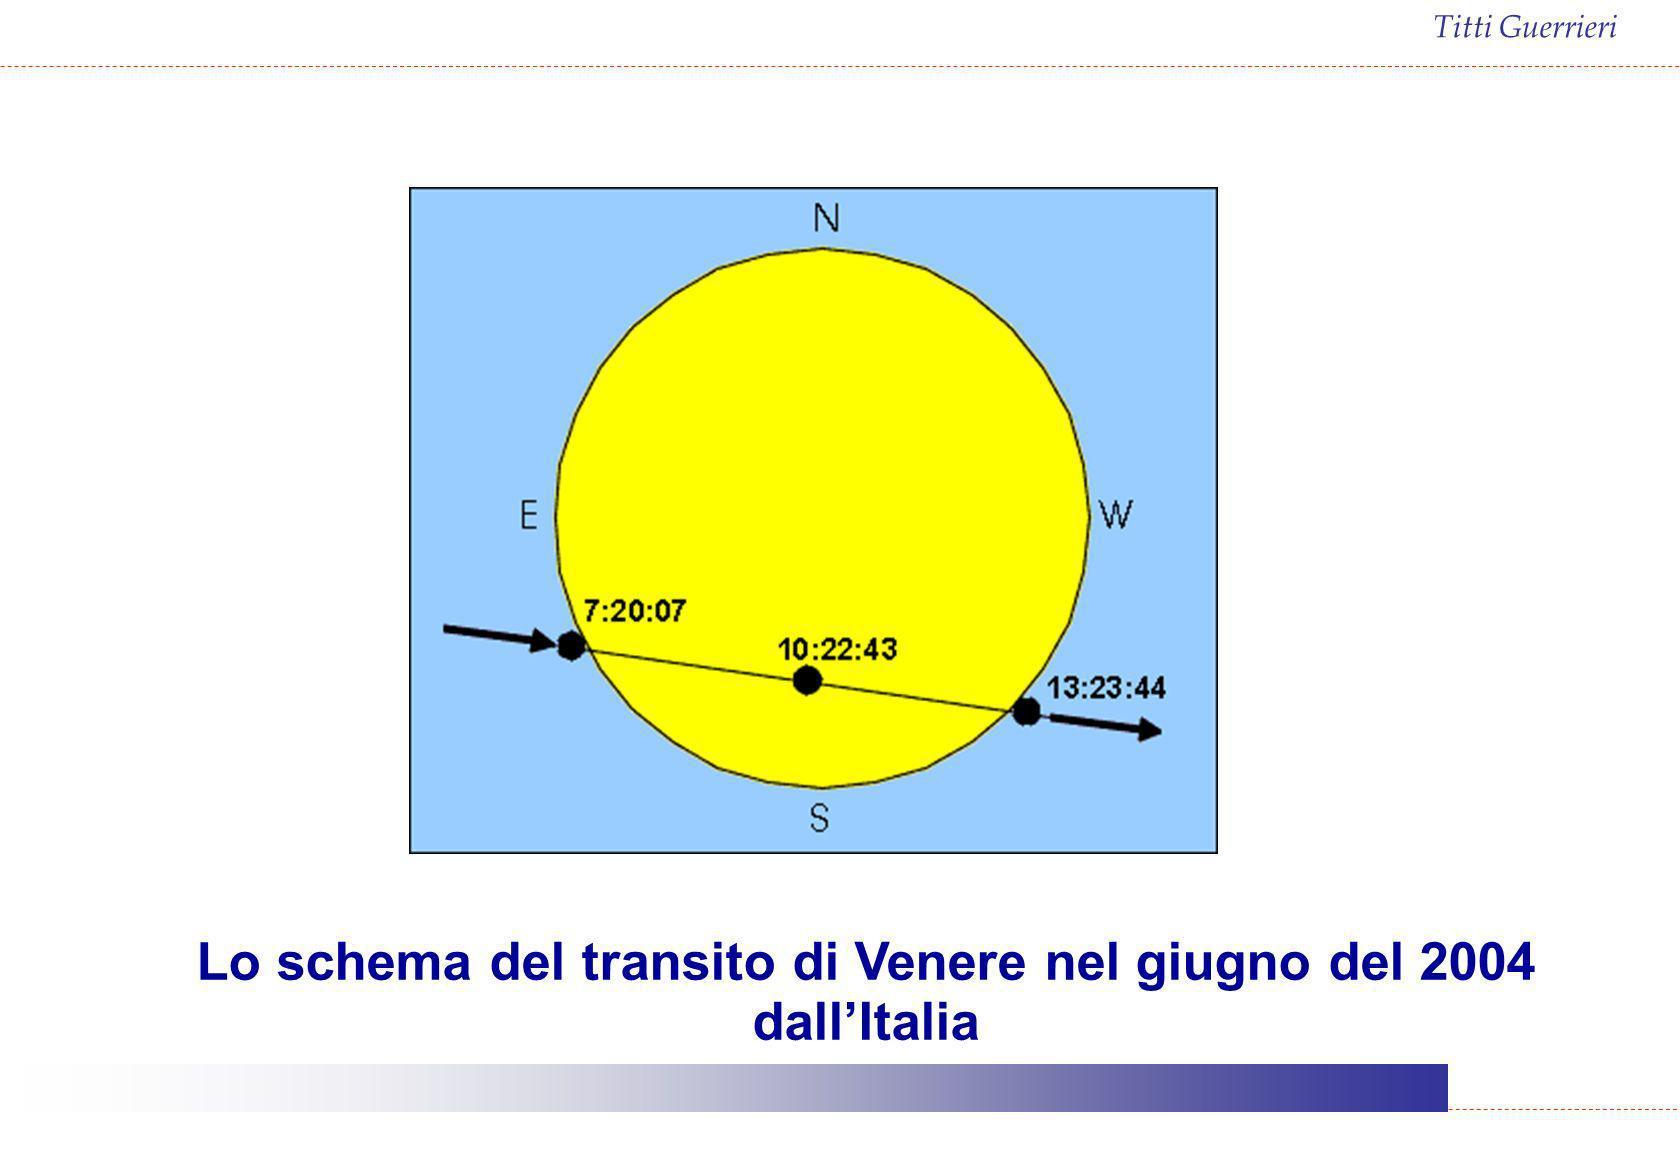 Lo schema del transito di Venere nel giugno del 2004 dall'Italia